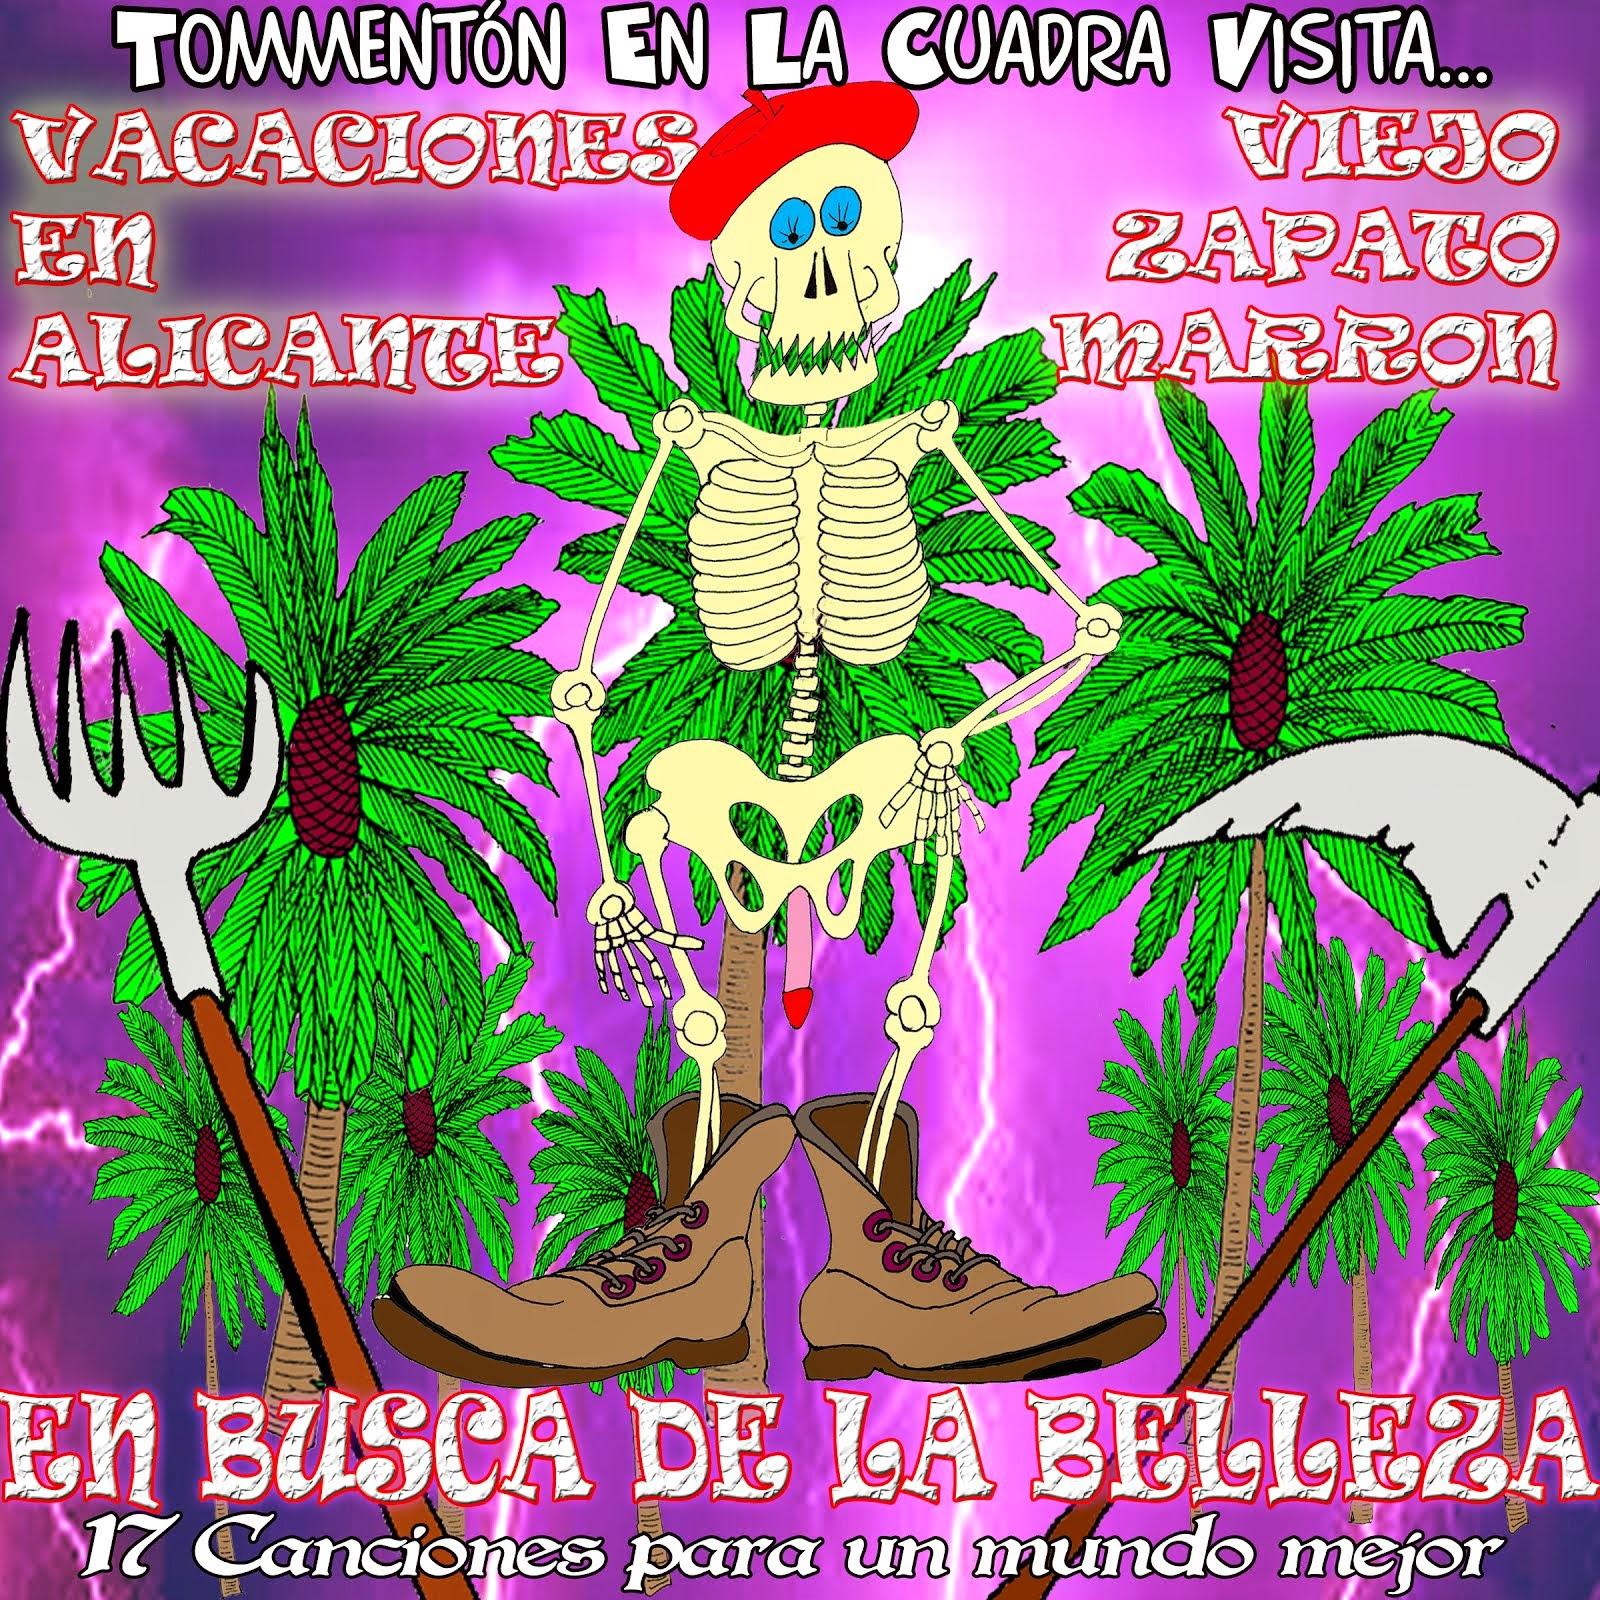 TOMMENTON EN LA CUADRA VISITA VIEJO ZAPATO MARRON